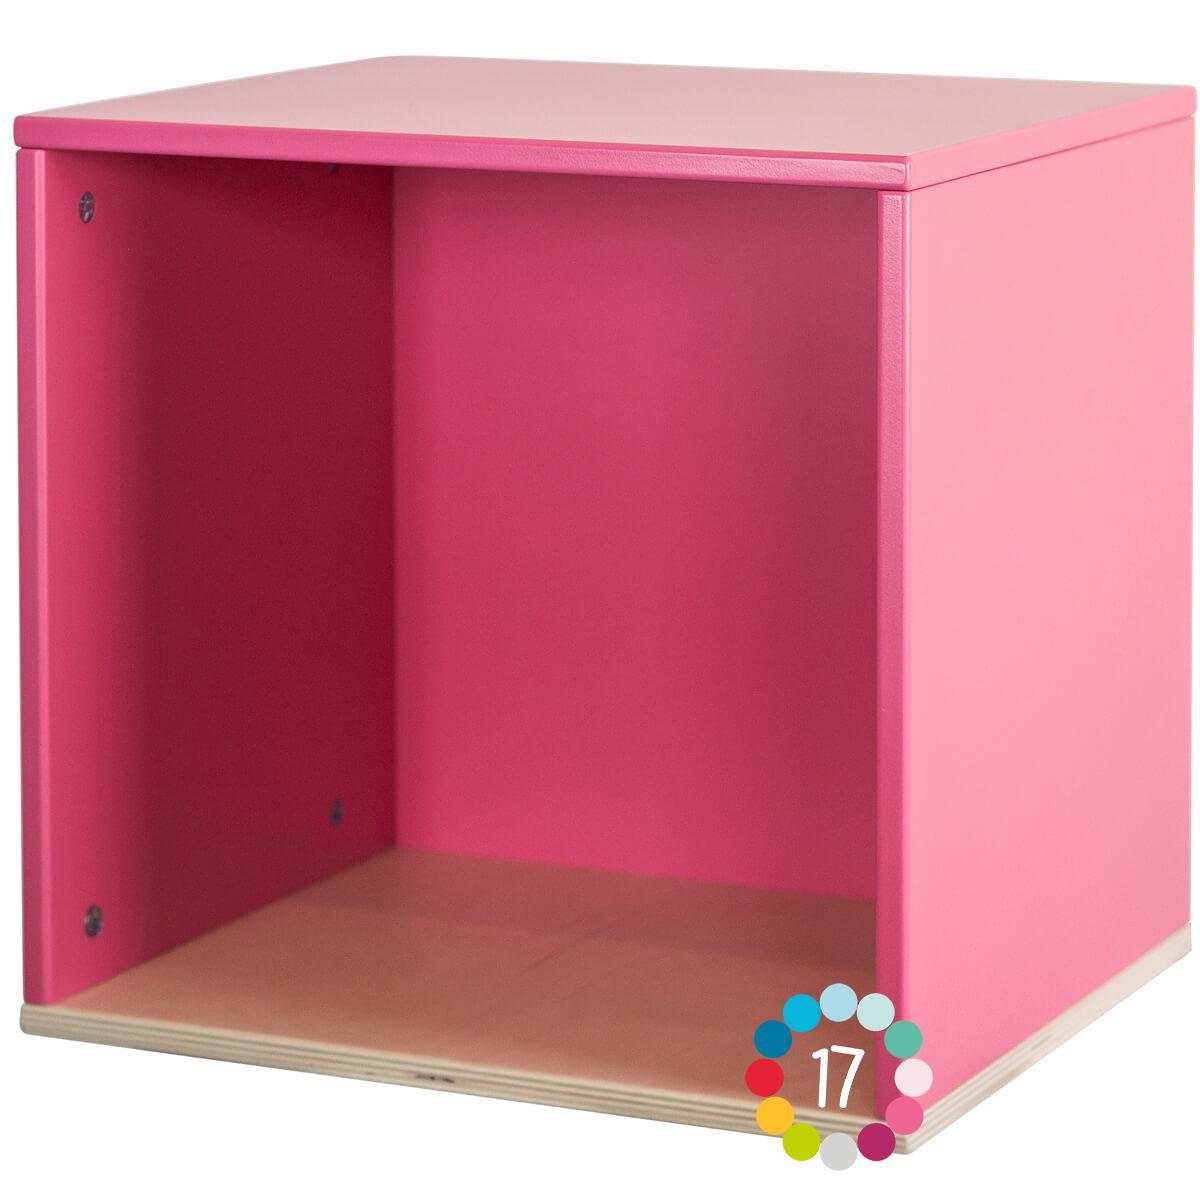 Wandregale COLORFLEX pink